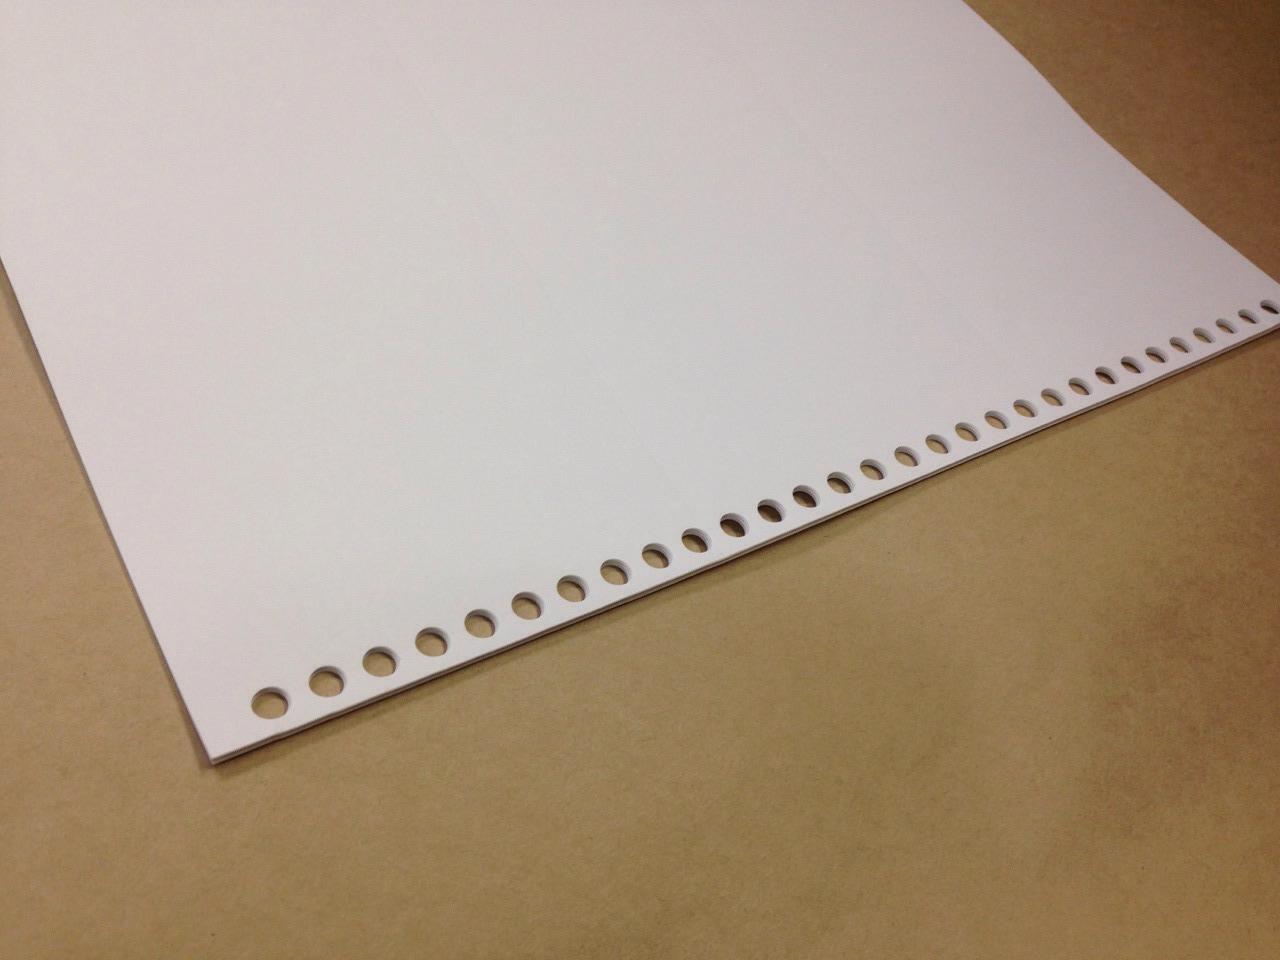 プリンタ帳票用紙 500枚(ルーズリーフ 30穴付)A4サイズ